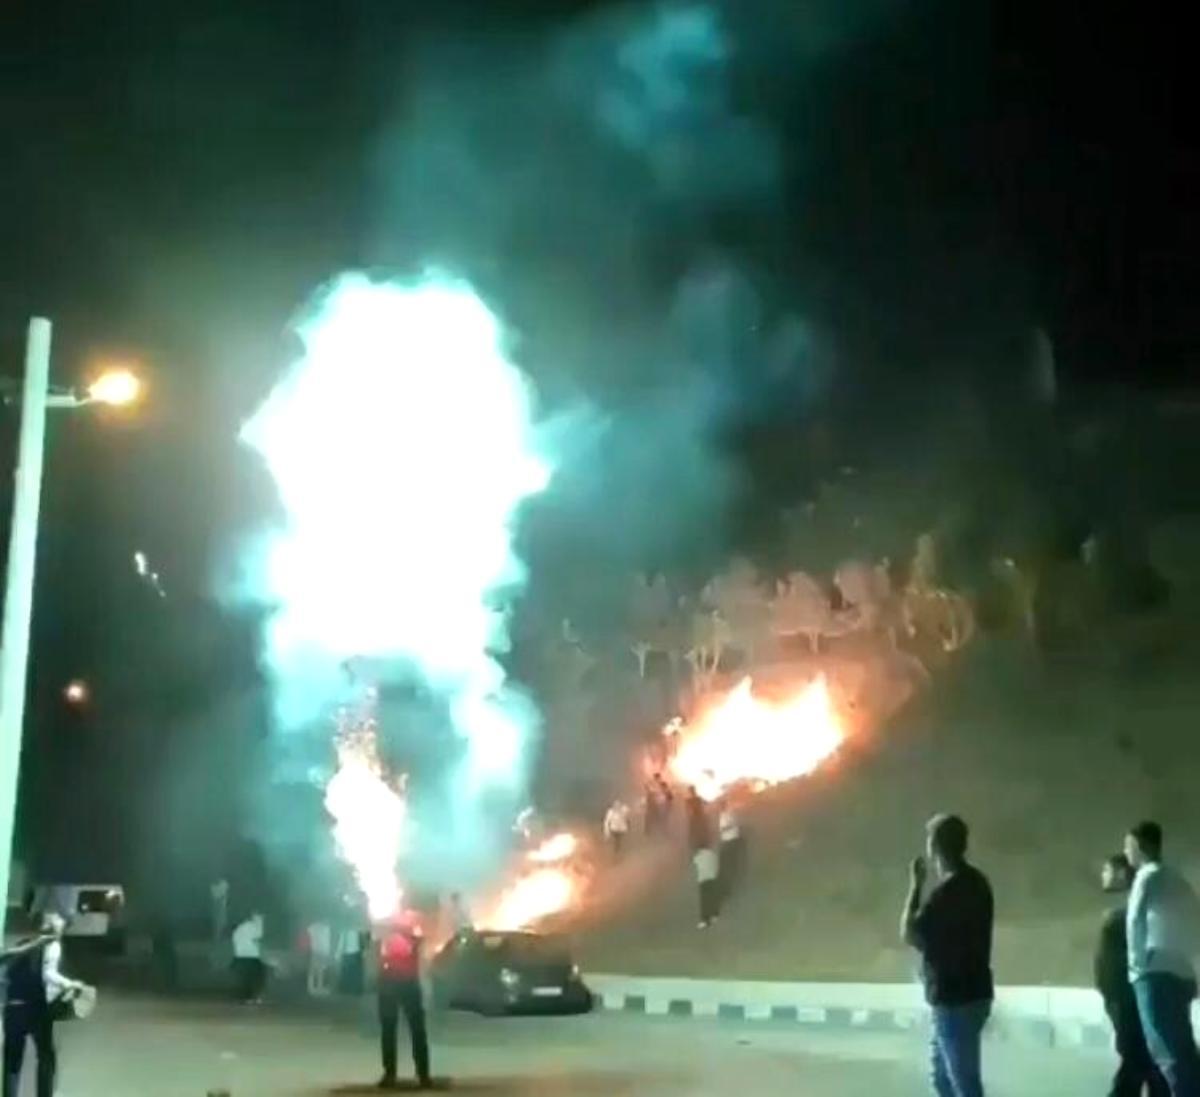 Son dakika haberleri: İzmir'de pes dedirten görüntüler: Havai fişek yangın çıkardı, o devam etti